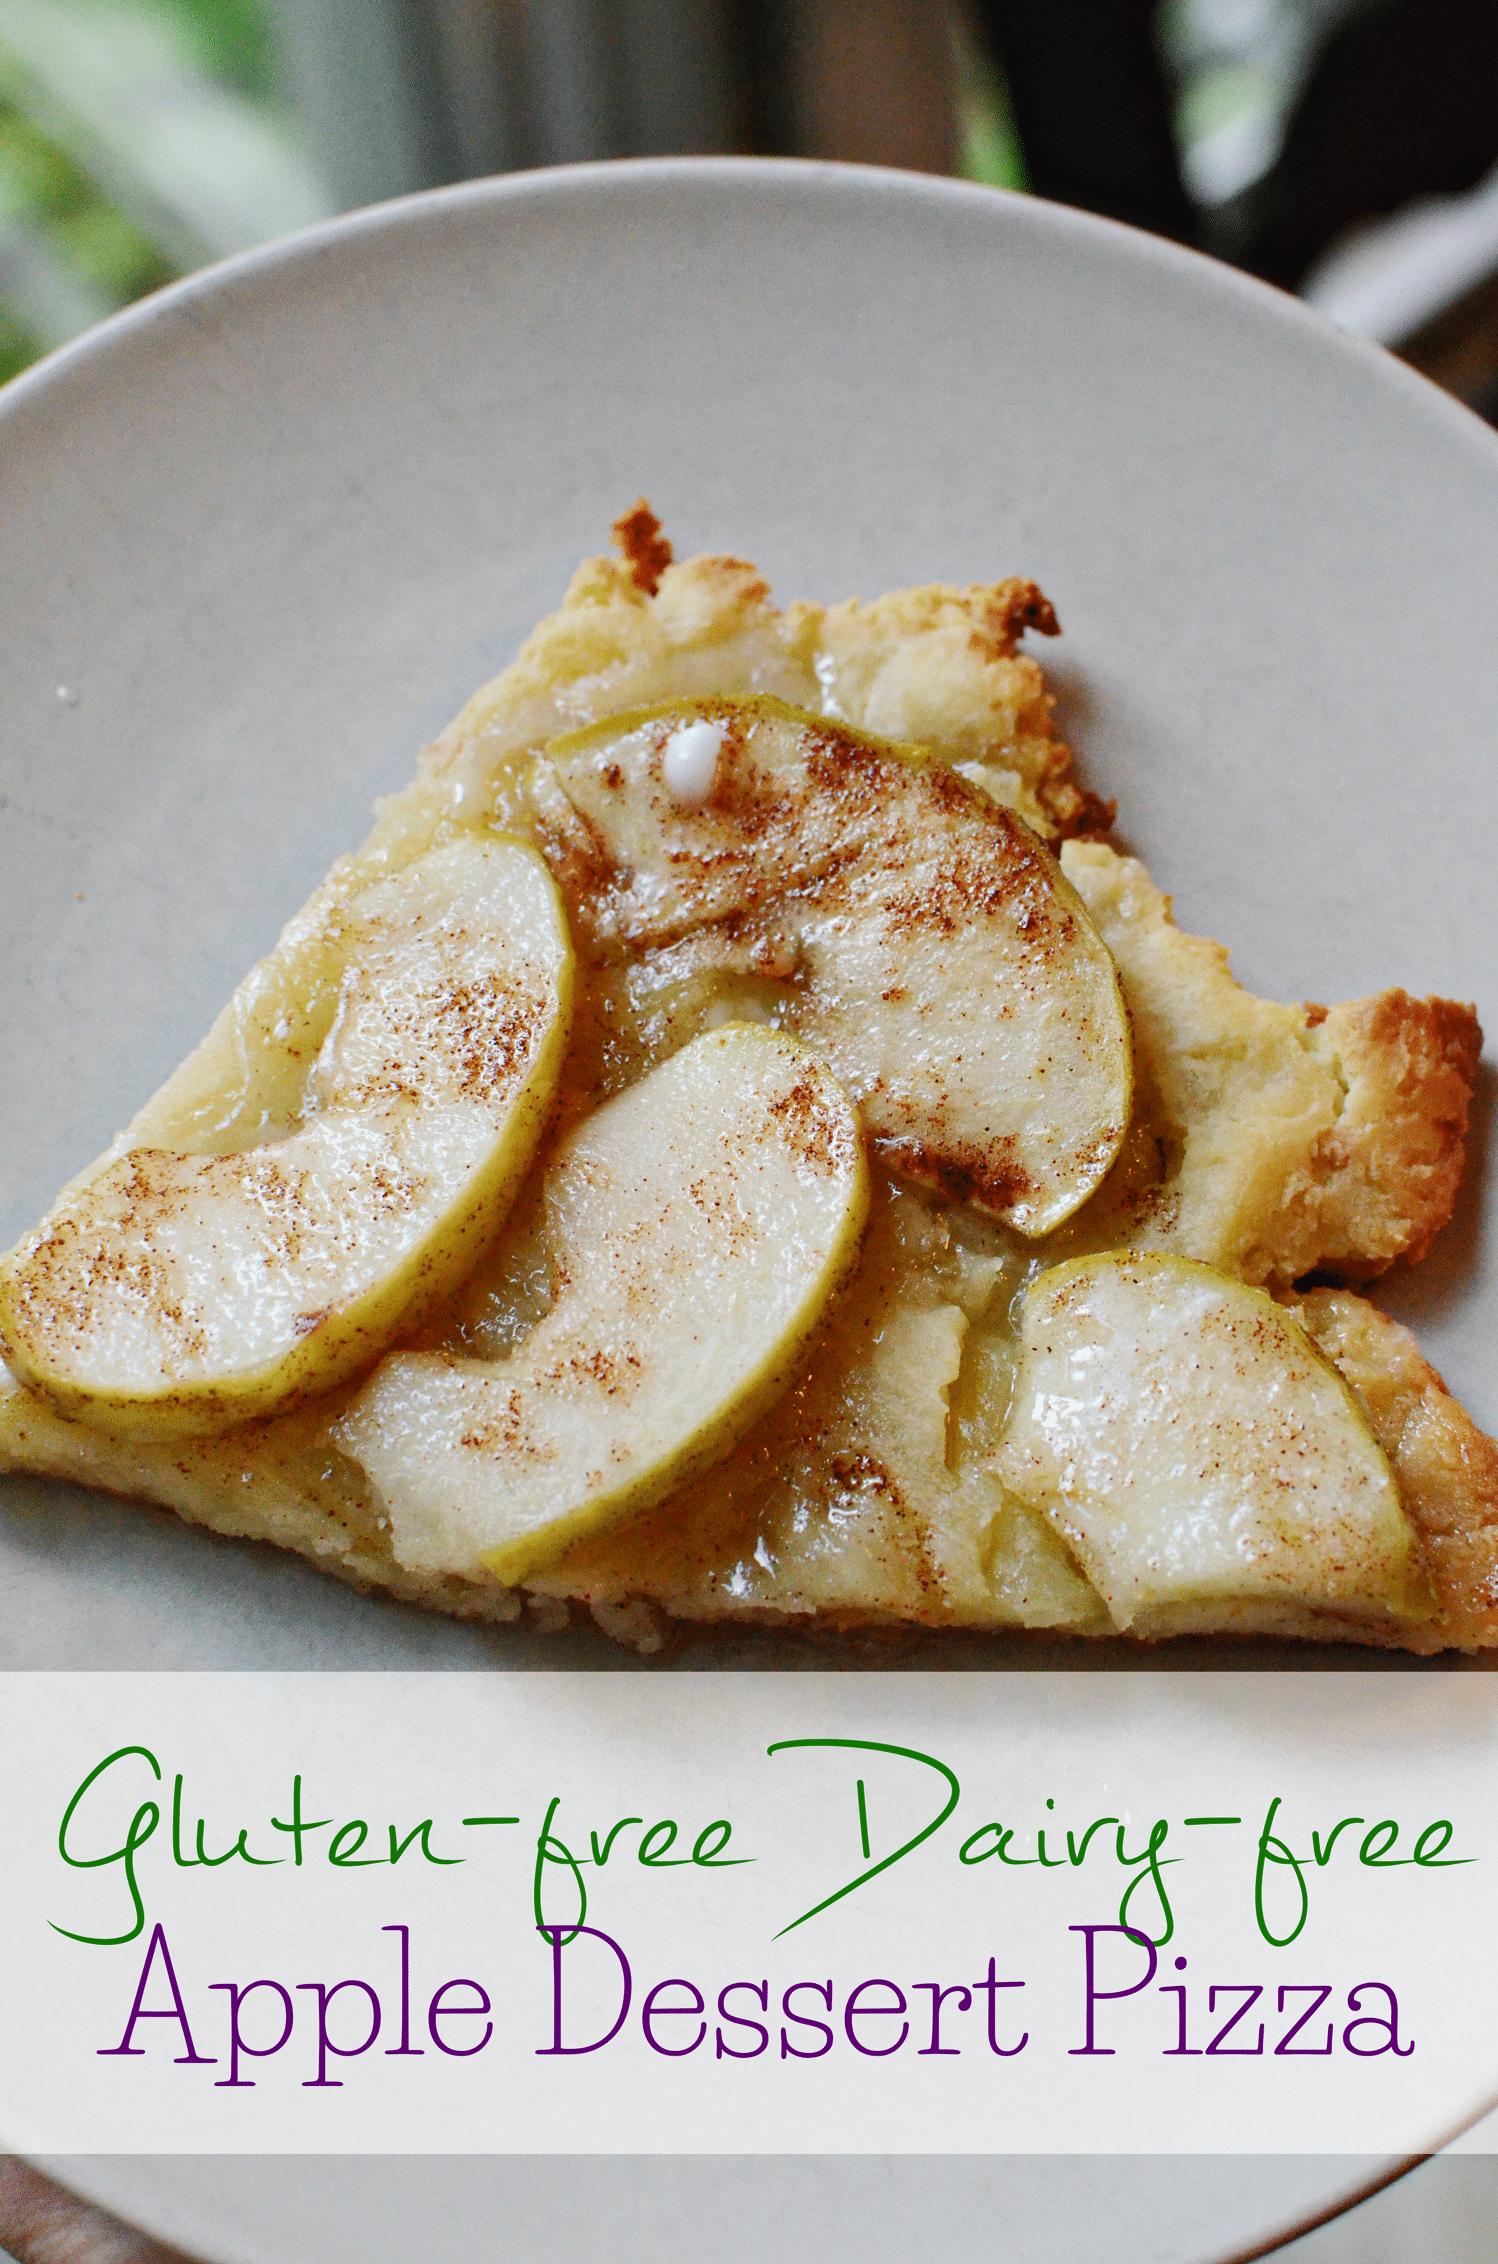 Gluten-Free Dairy-Free Apple Dessert Pizza